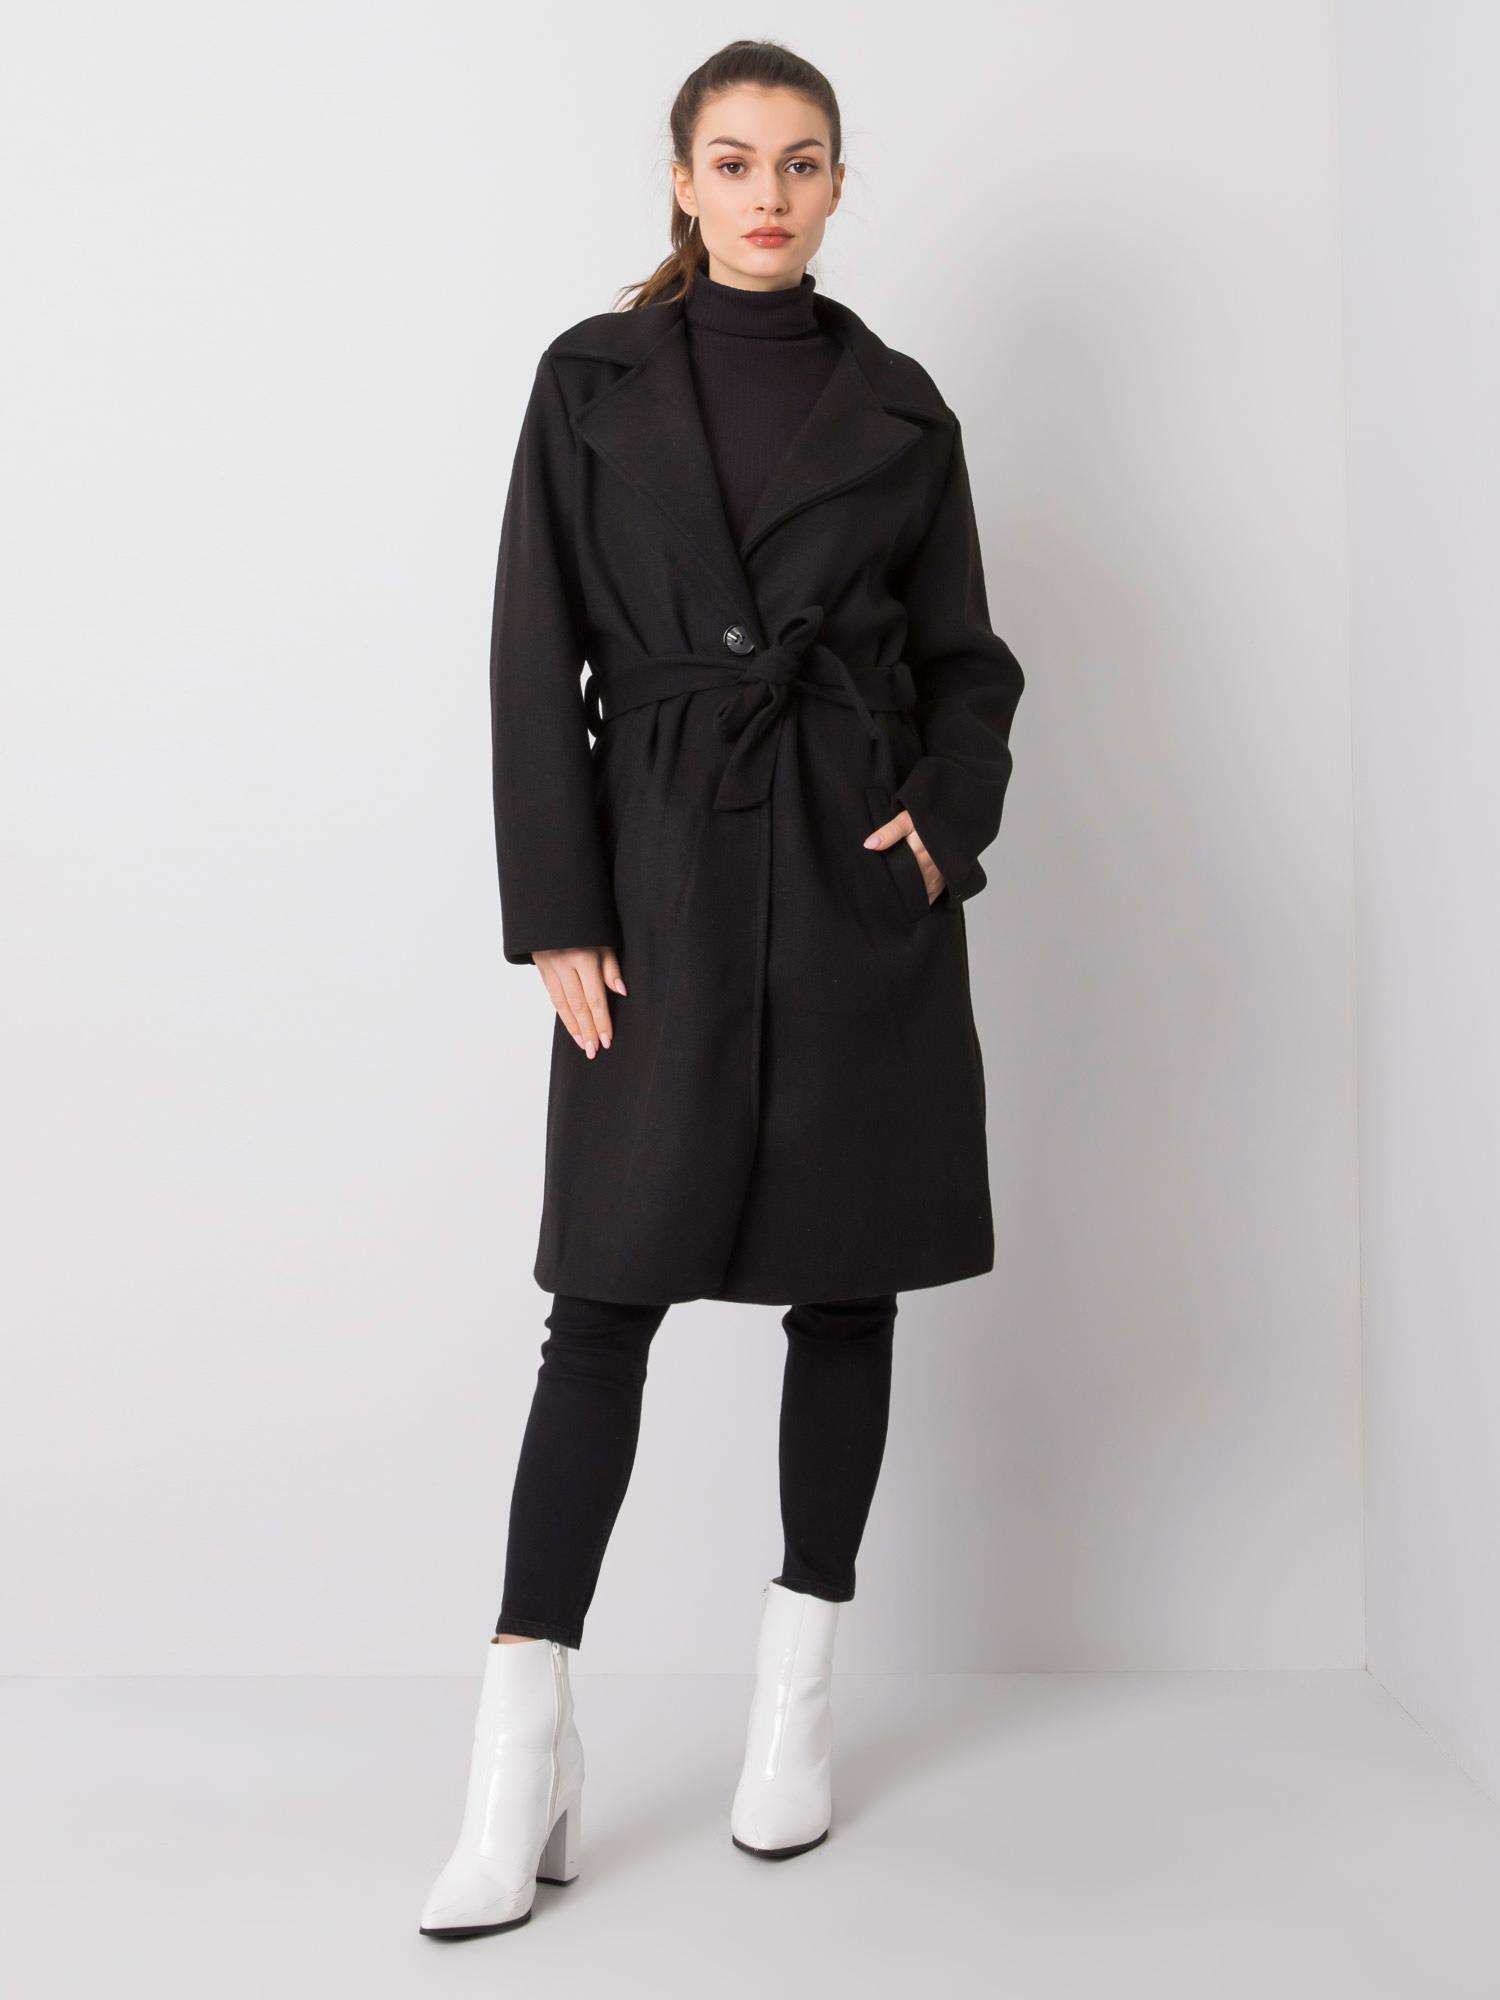 Čierny dlhý kabát s opaskom - UNI